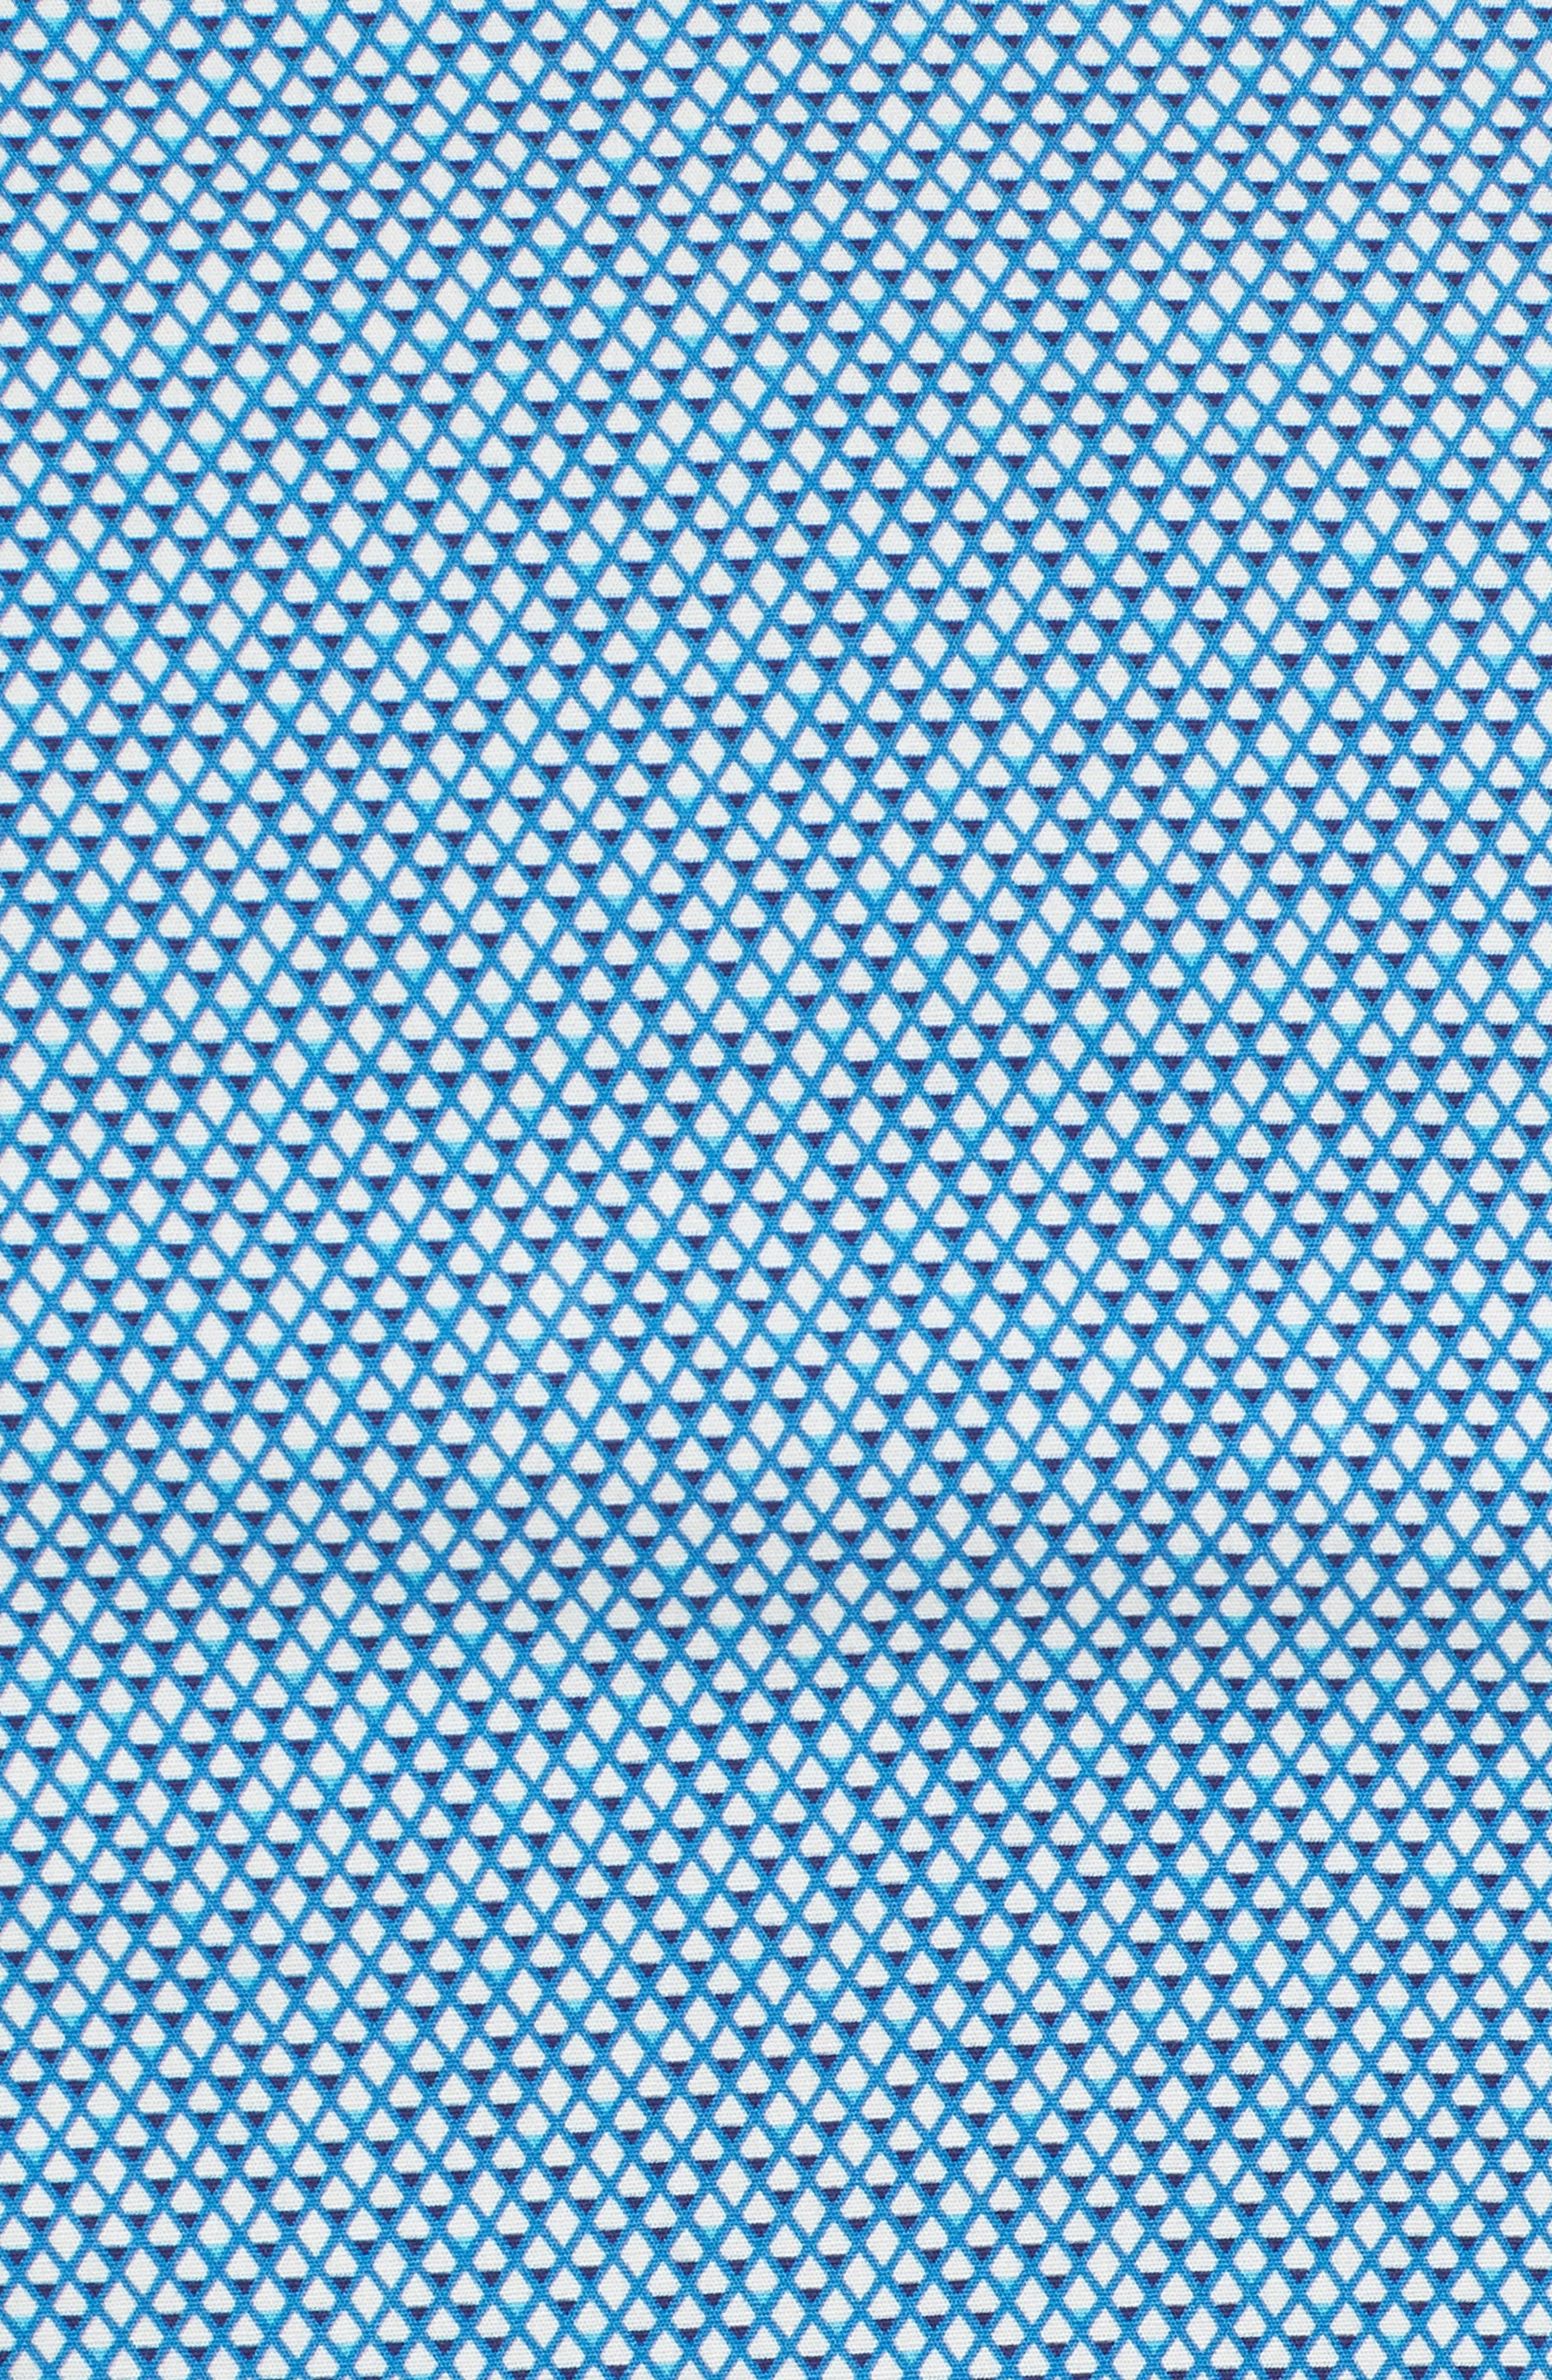 Slim Fit Diamond Print Sport Shirt,                             Alternate thumbnail 5, color,                             435